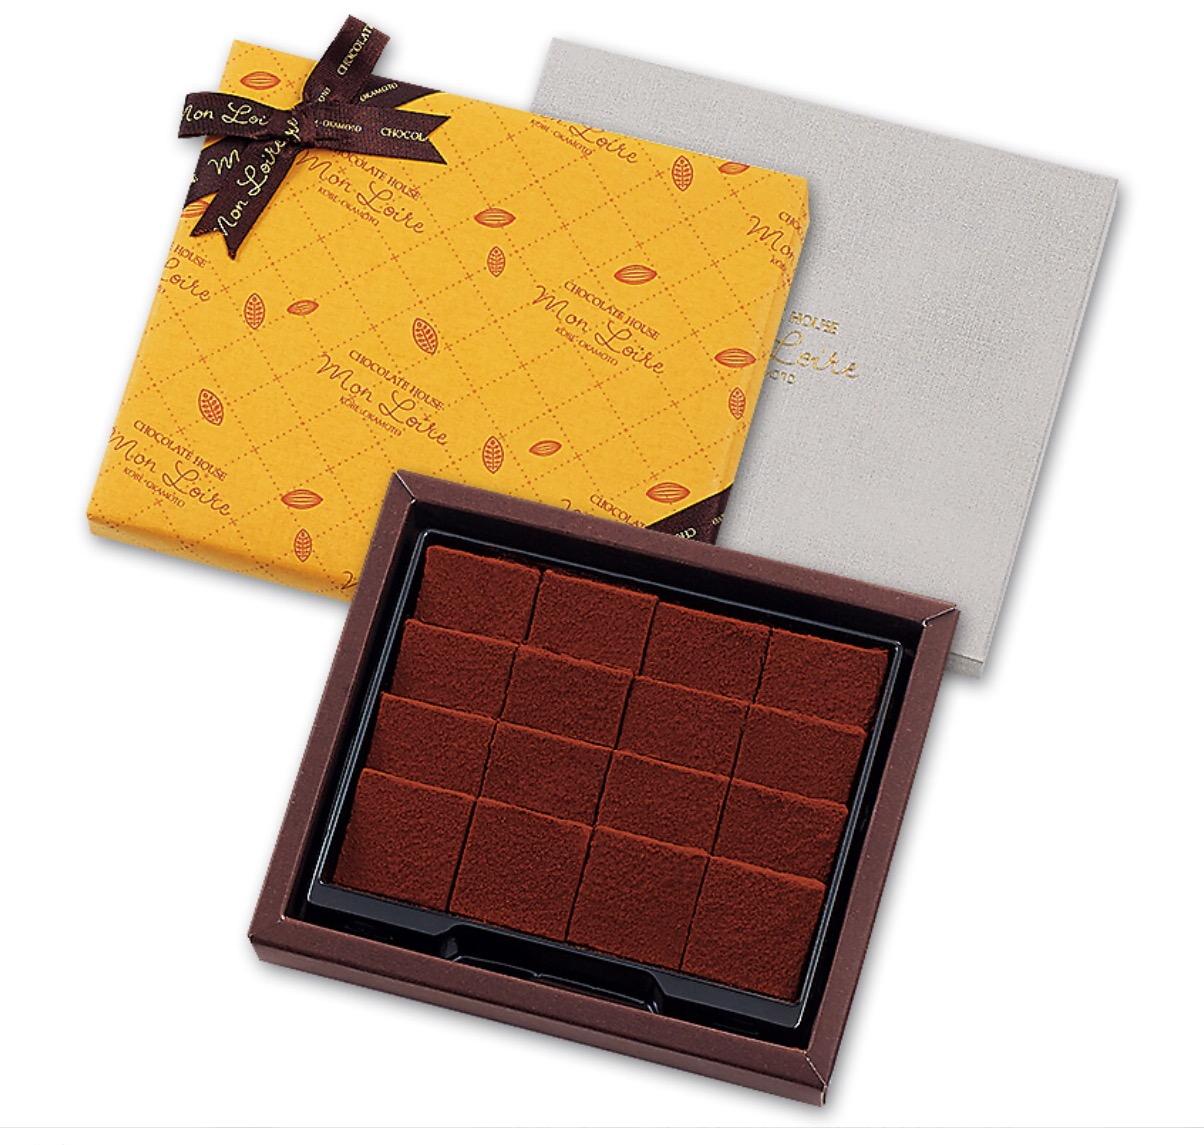 オリジナル生チョコレート 秋の限定風味!